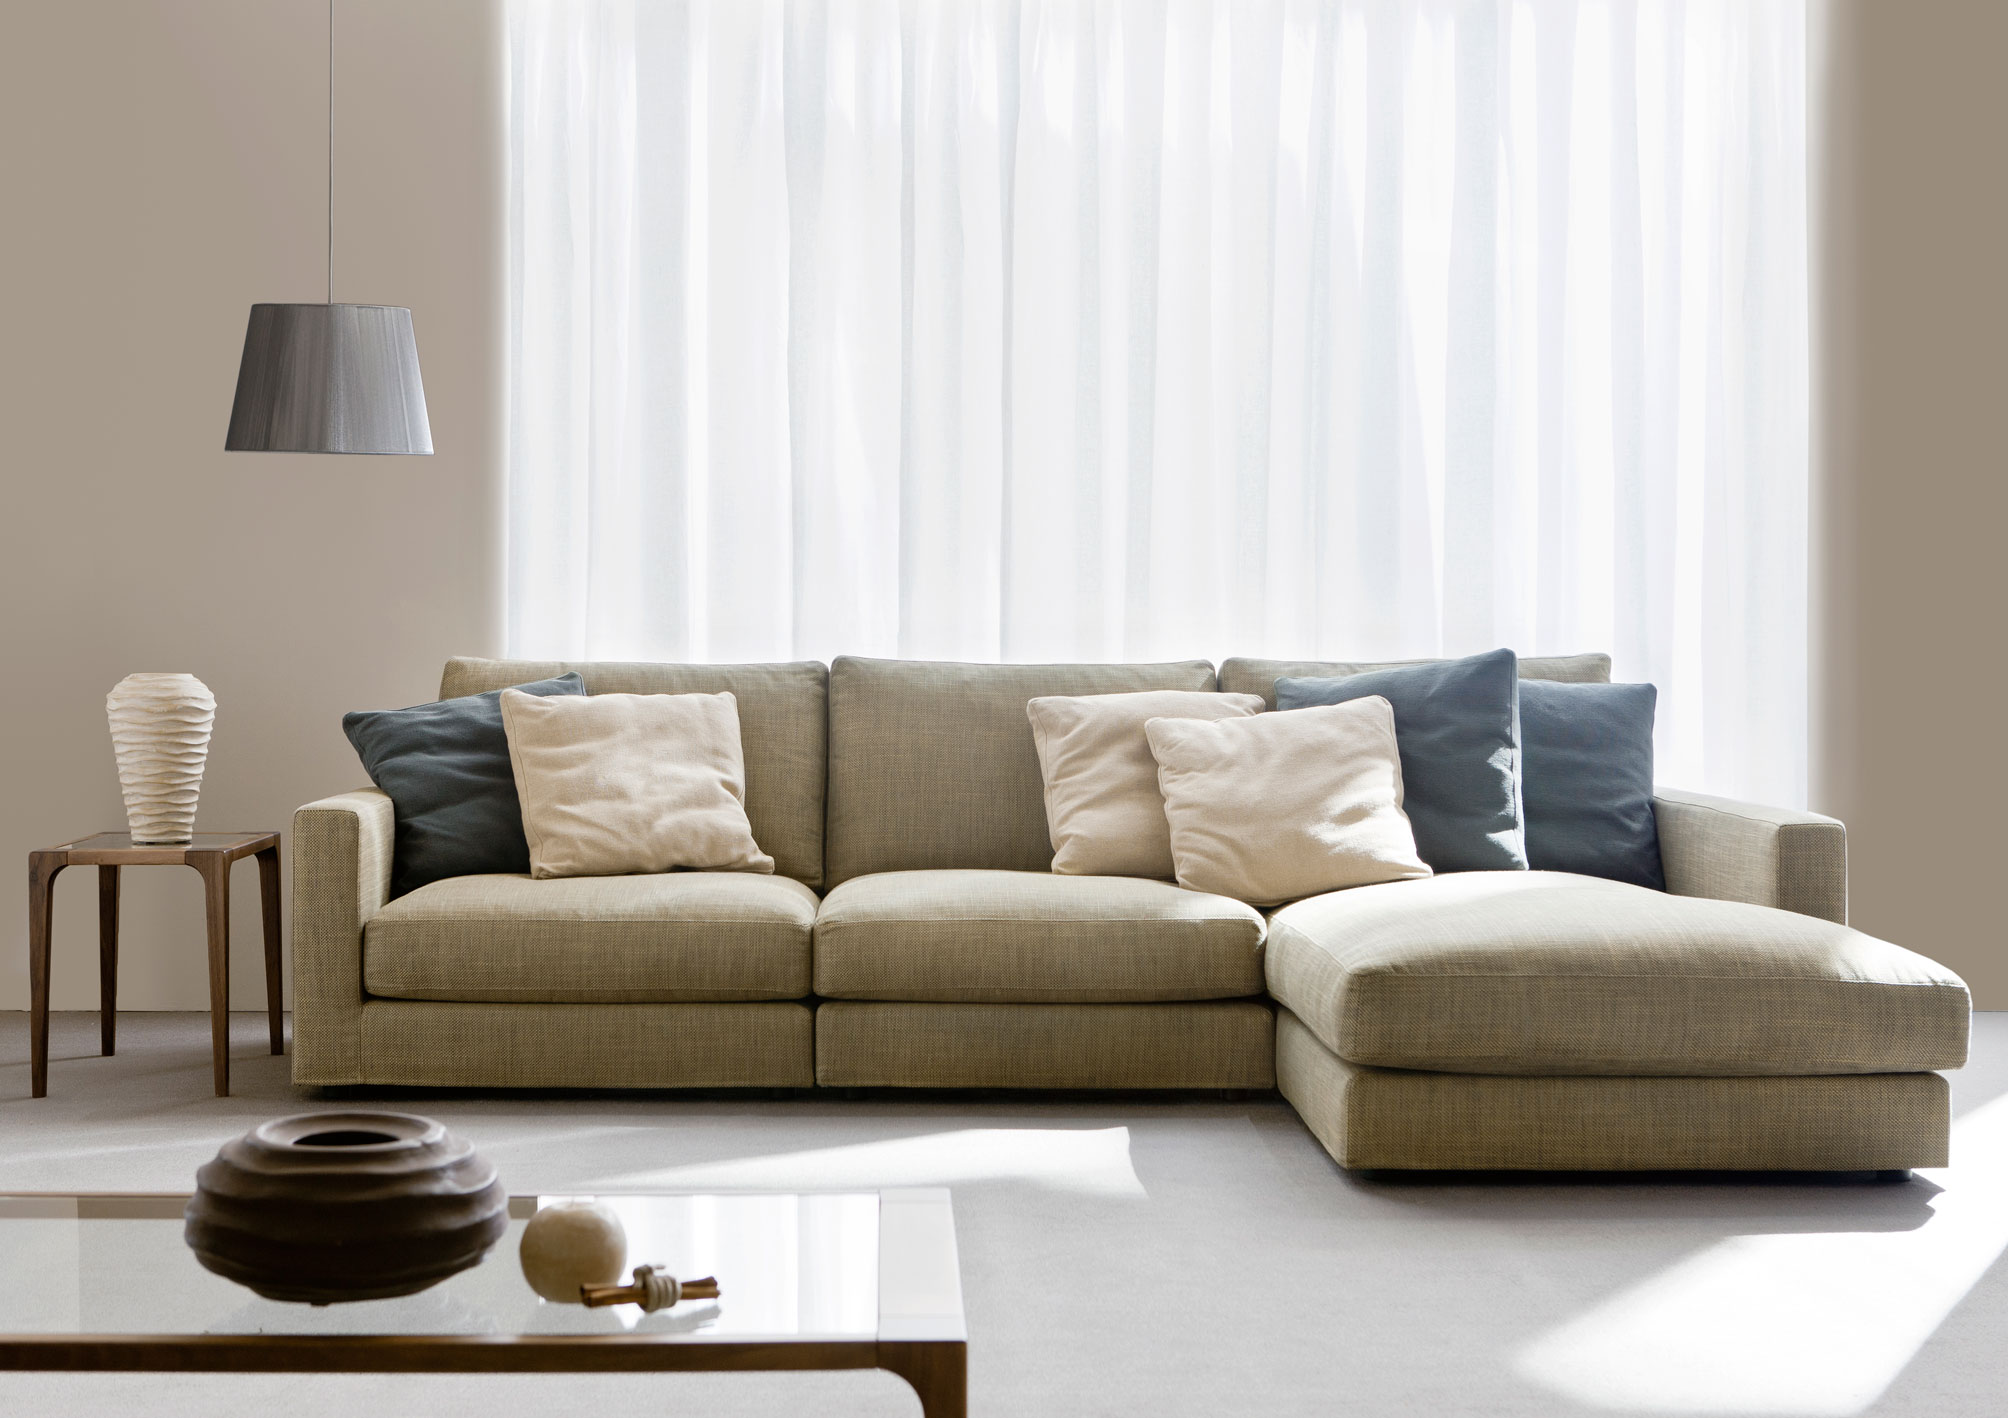 Divano letto moderno pelle prezzi : divano letto con ruote. divano ...